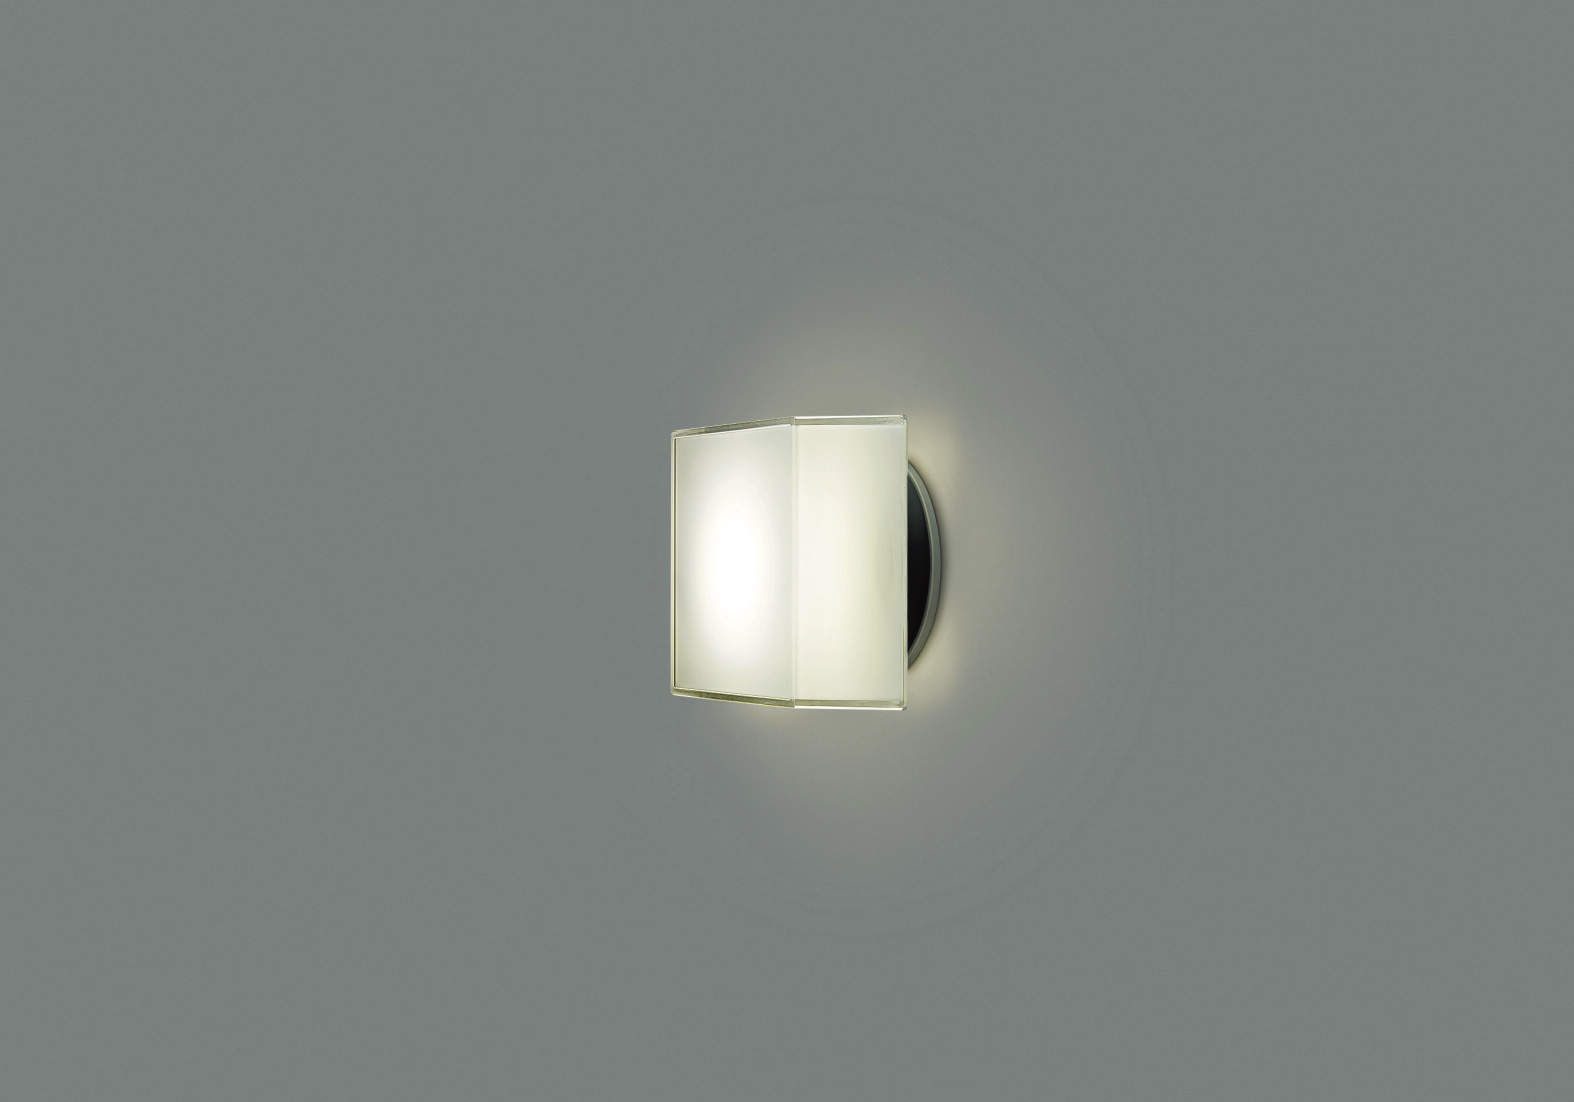 エクステリア 屋外 照明 ライト【三協アルミ】 照明器具 ポーチライト【 PK22型 ブラック 拡散光】